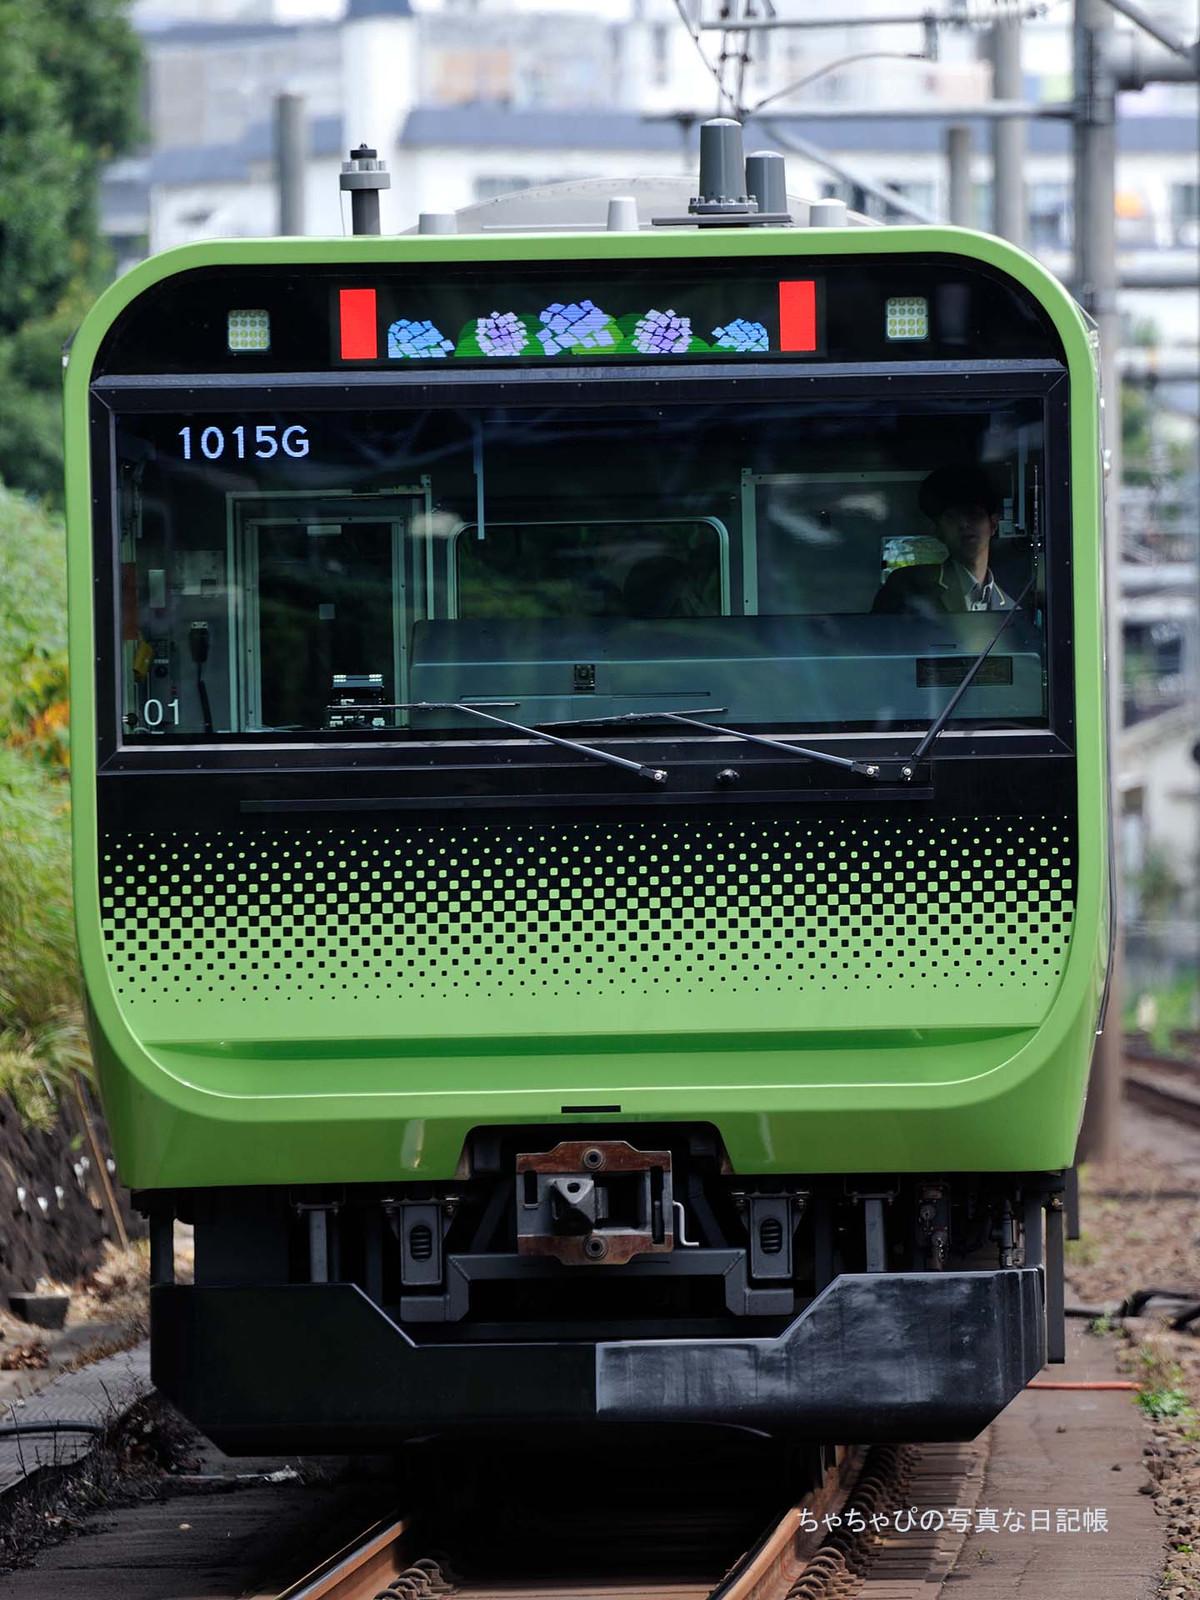 E235系0番台 -1015ゥ 01編成-